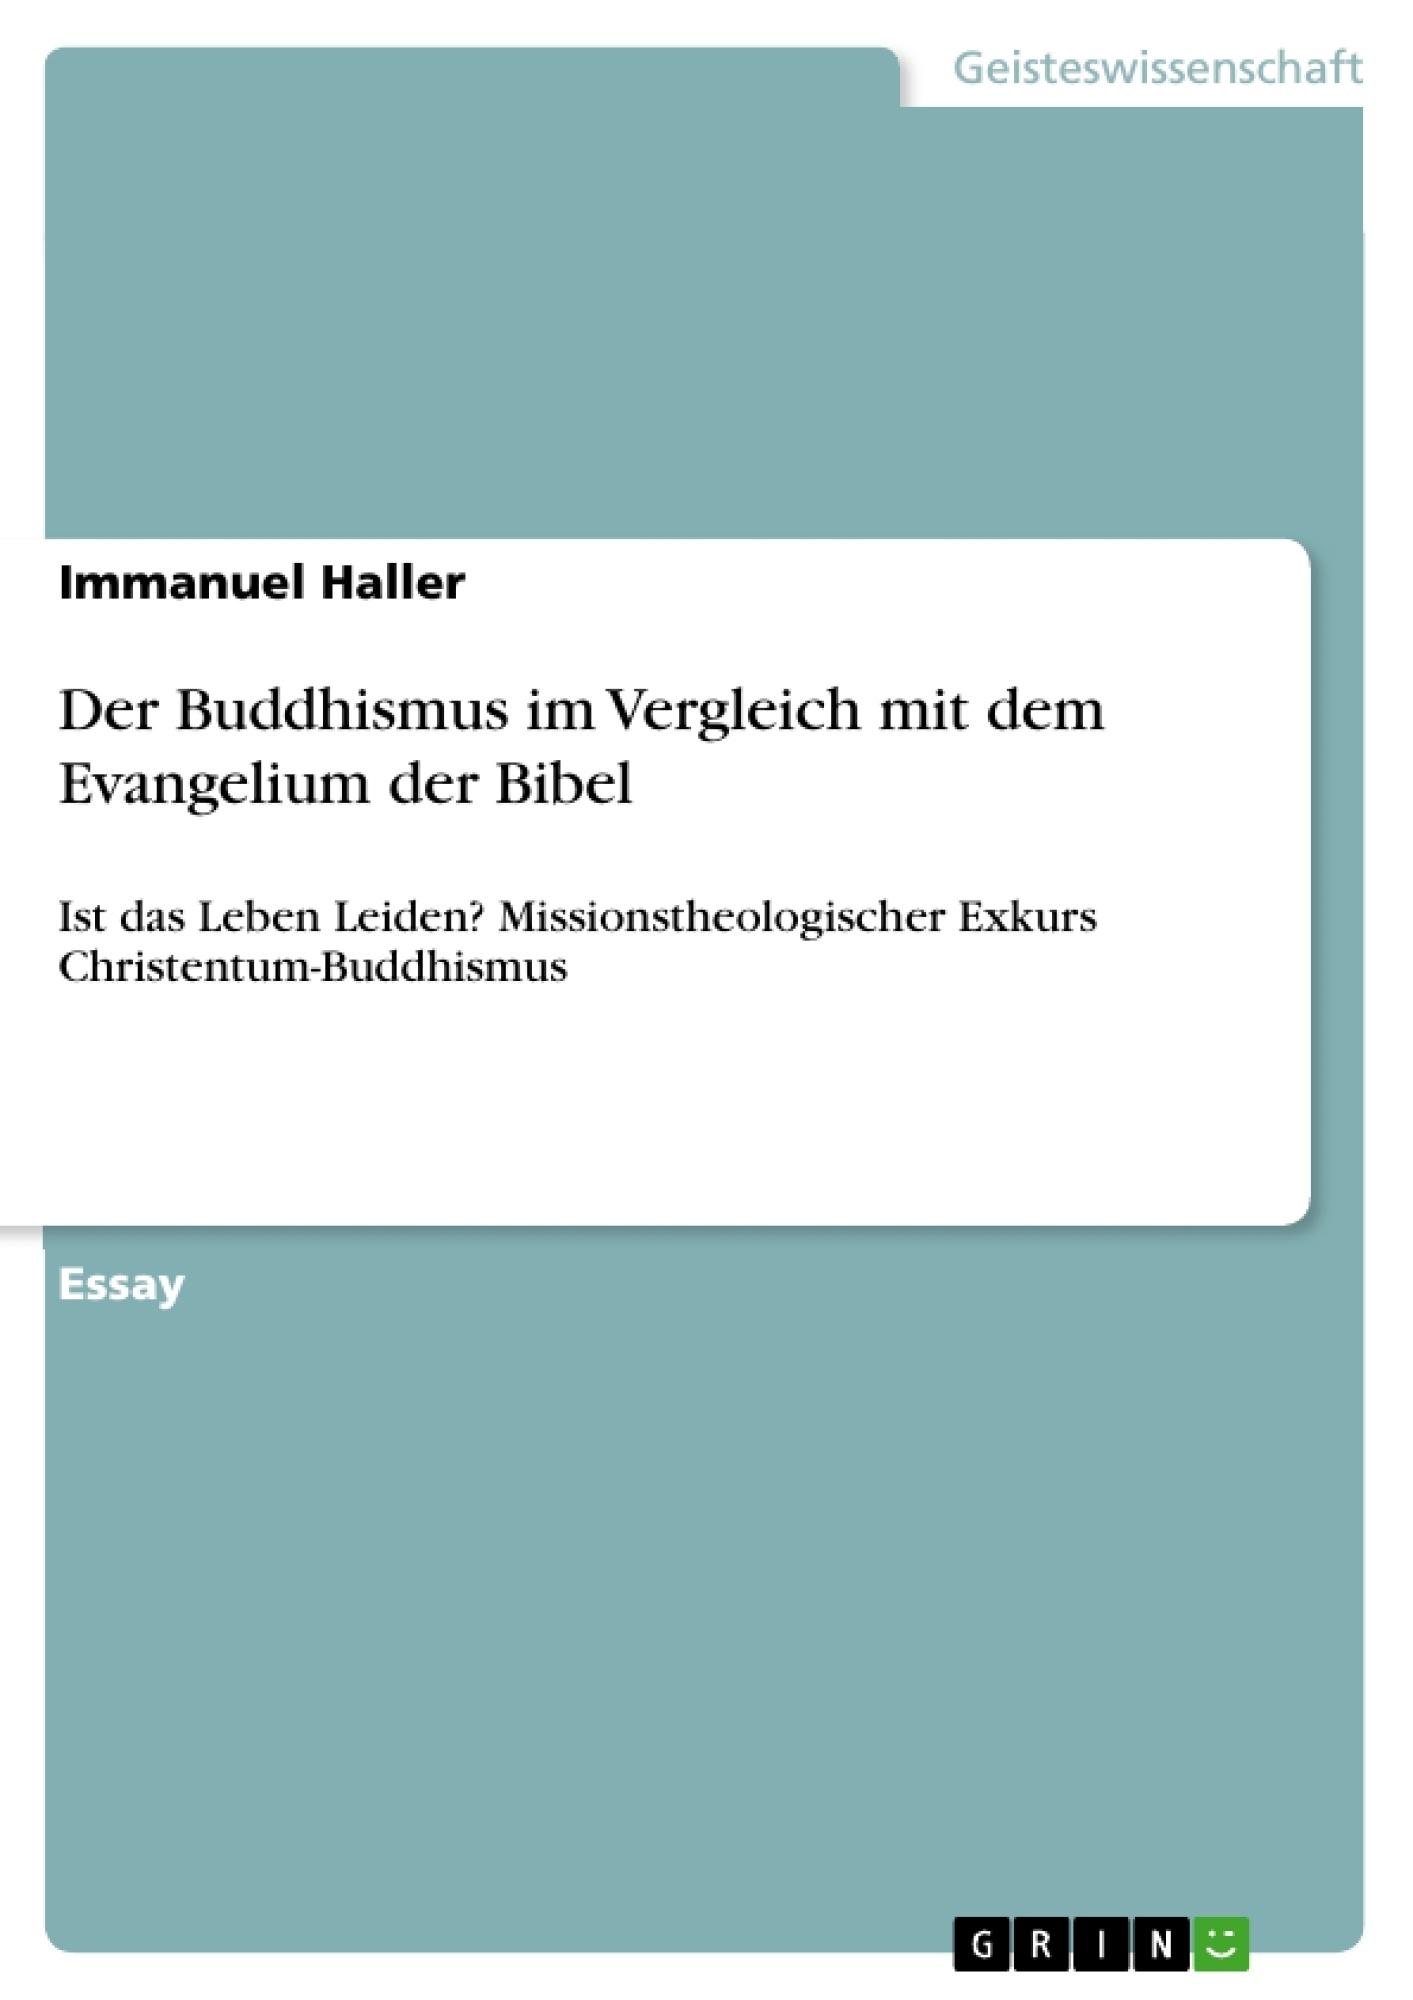 Titel: Der Buddhismus im Vergleich mit dem Evangelium der Bibel